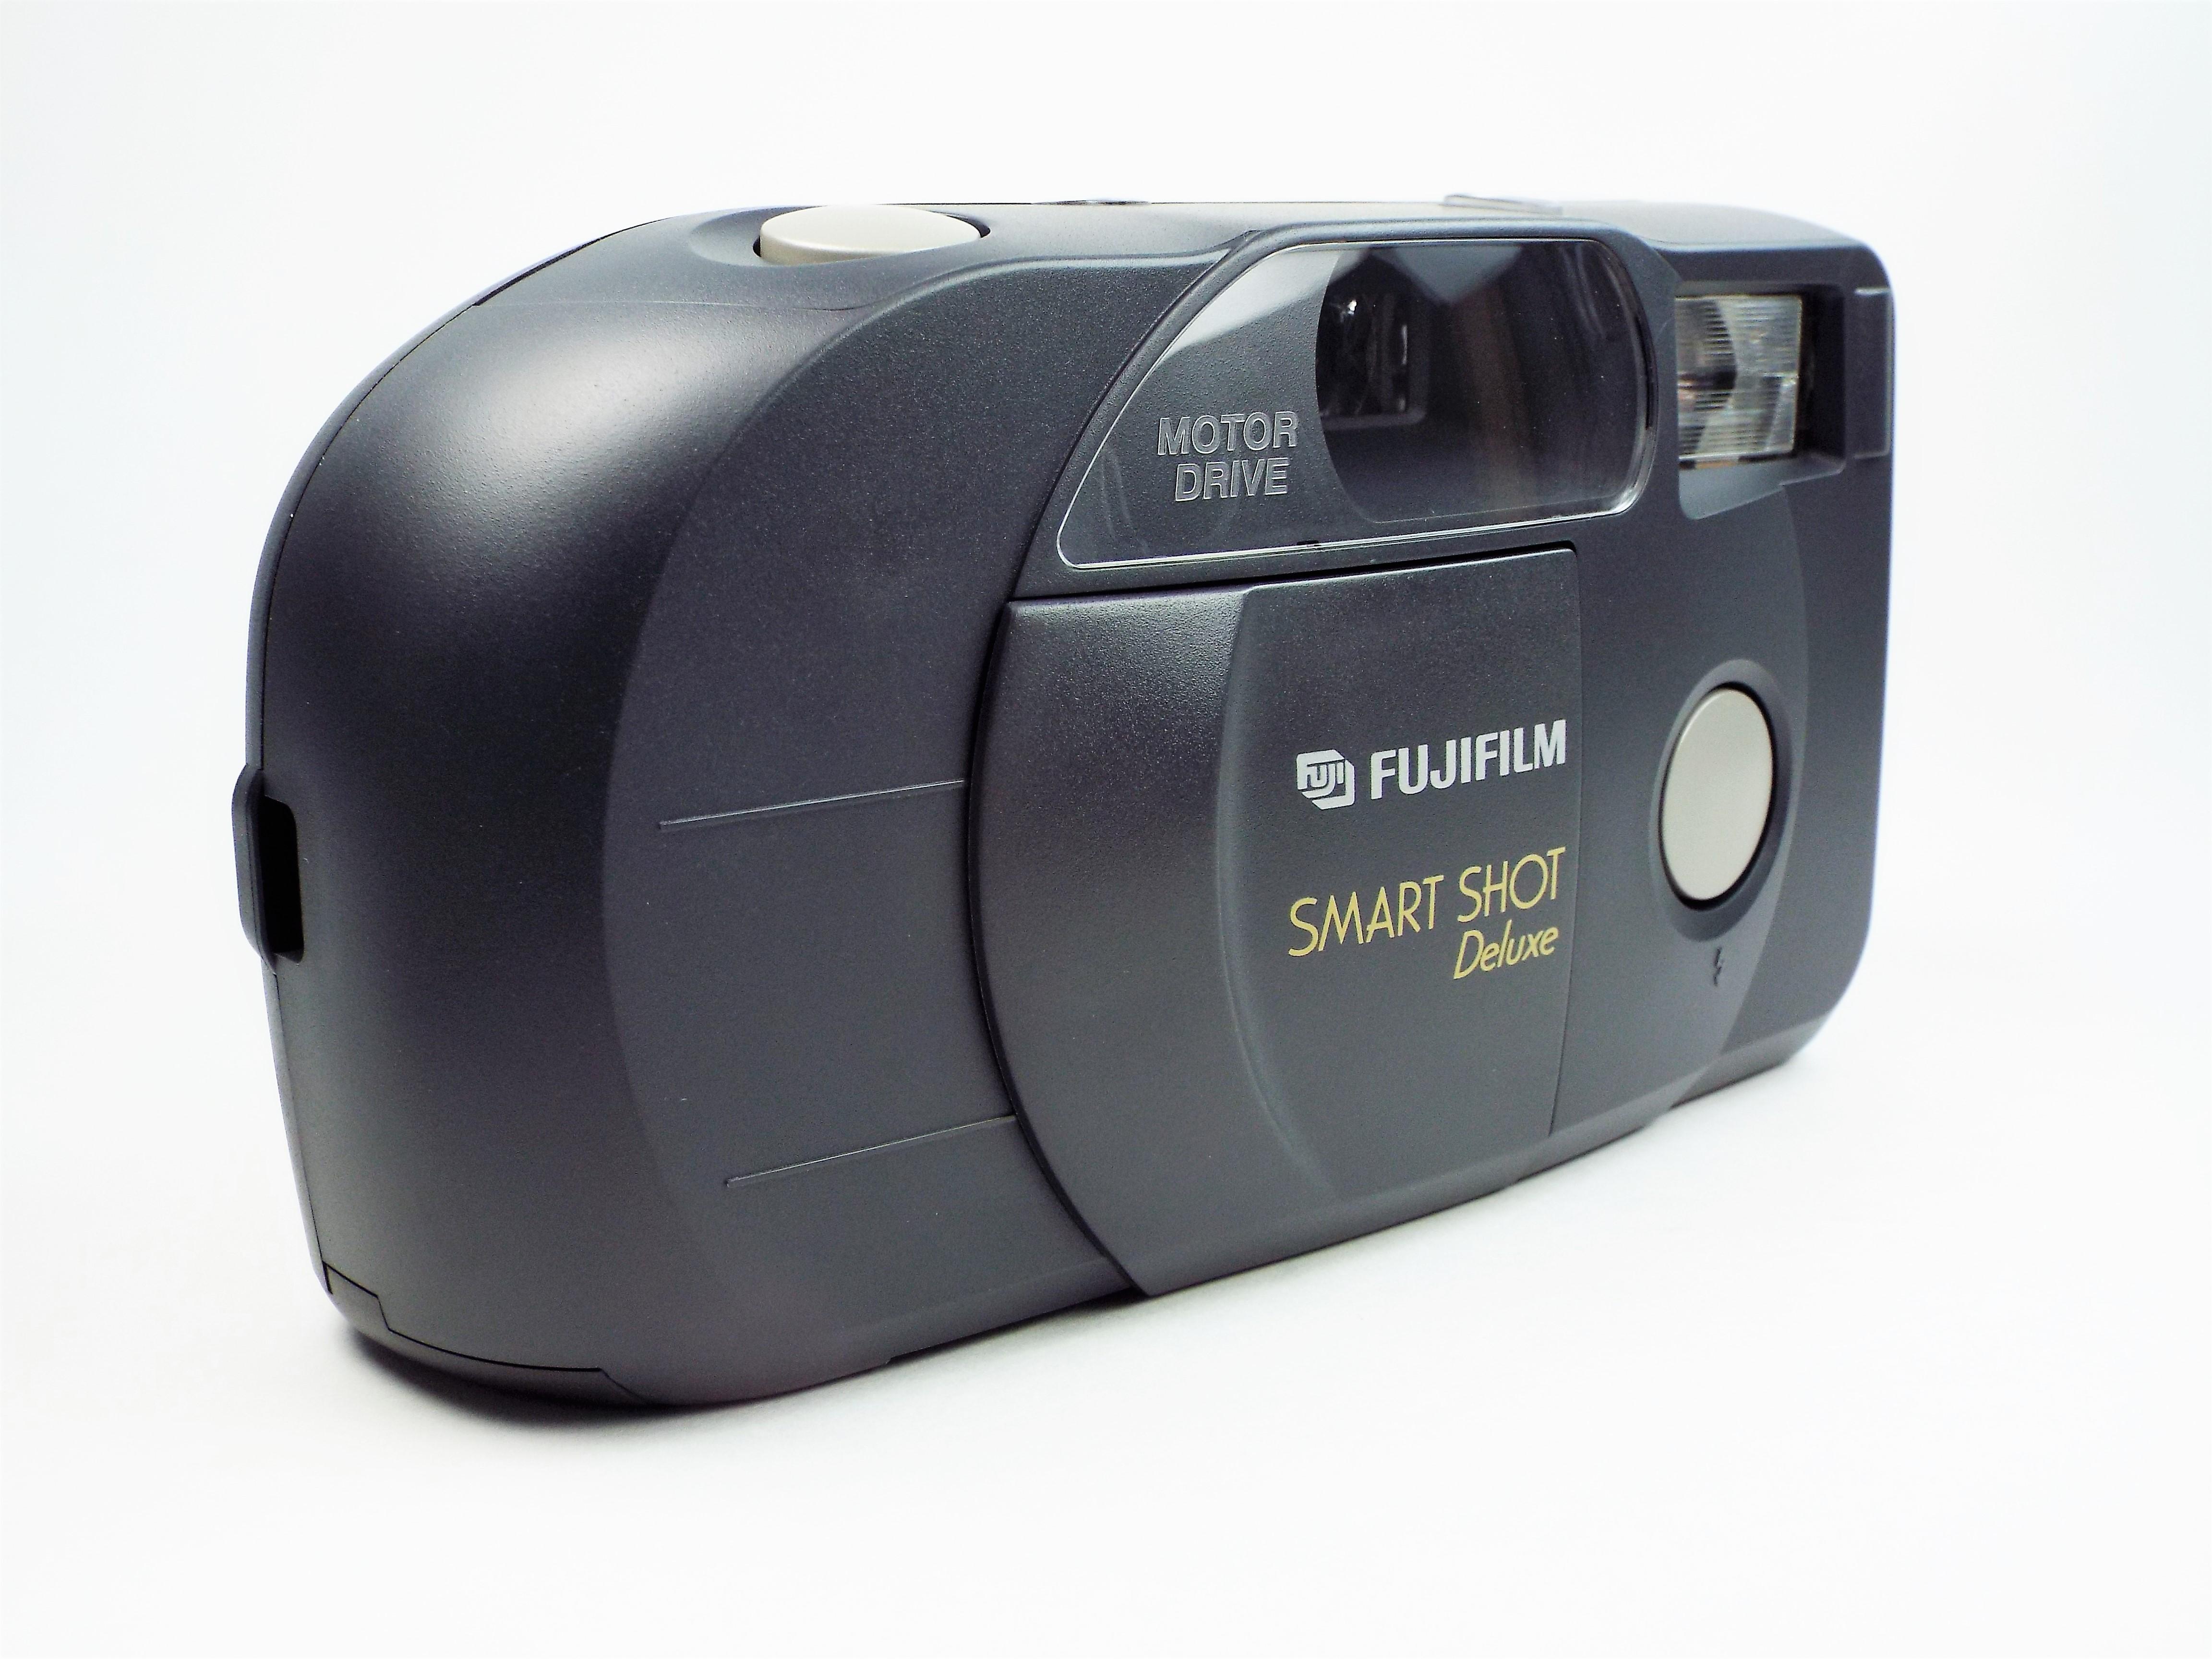 Fujifilm Smart Shot Deluxe – 1994 | Yashica Pentamatic Fanatic